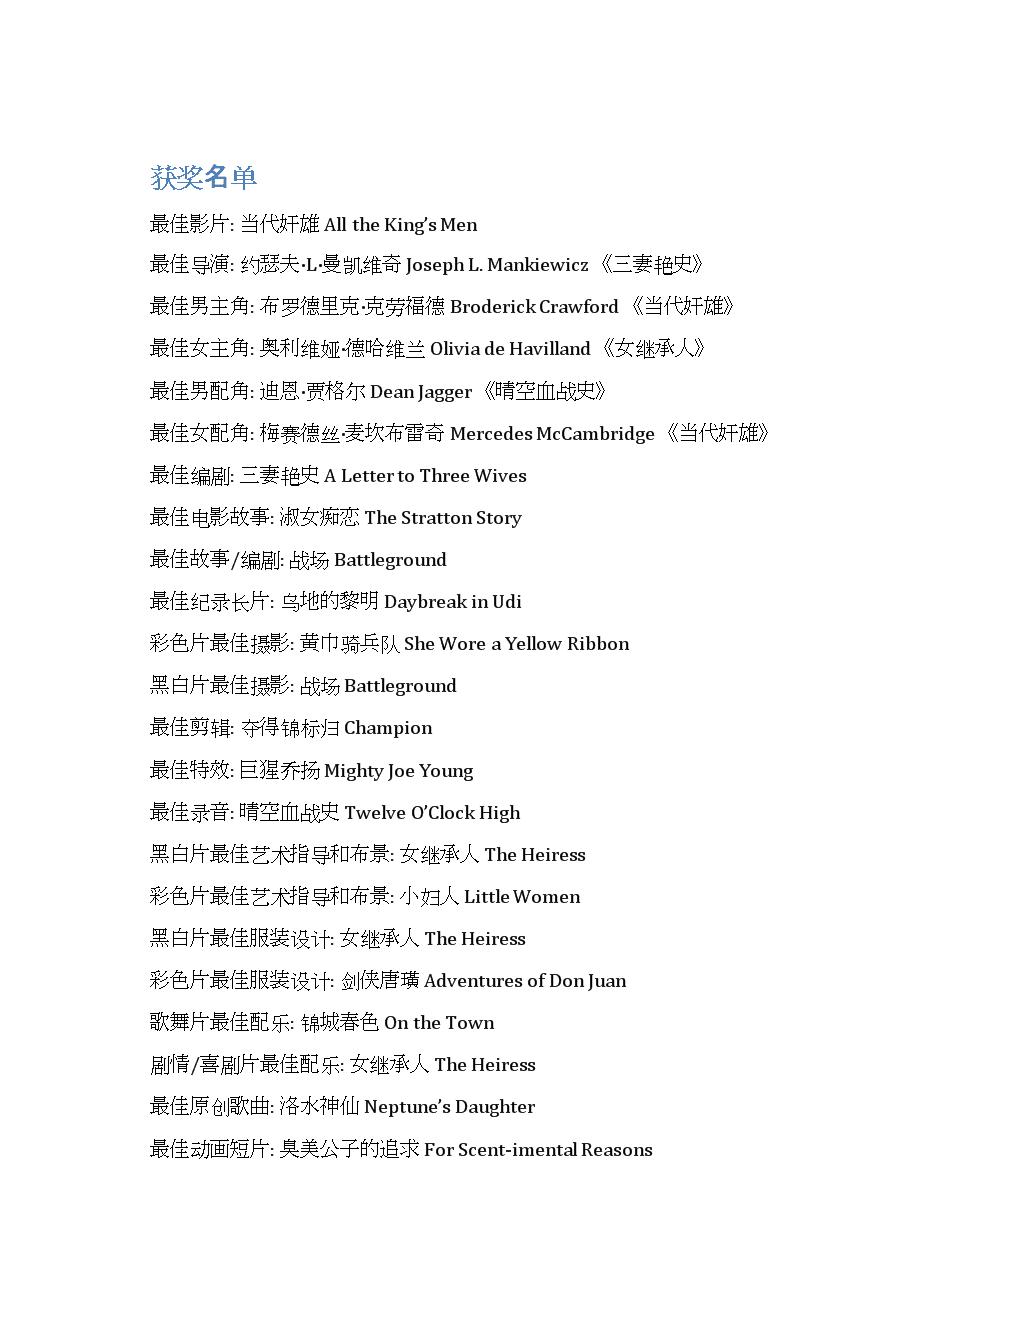 历届奥斯卡电影经典之1950年.docx